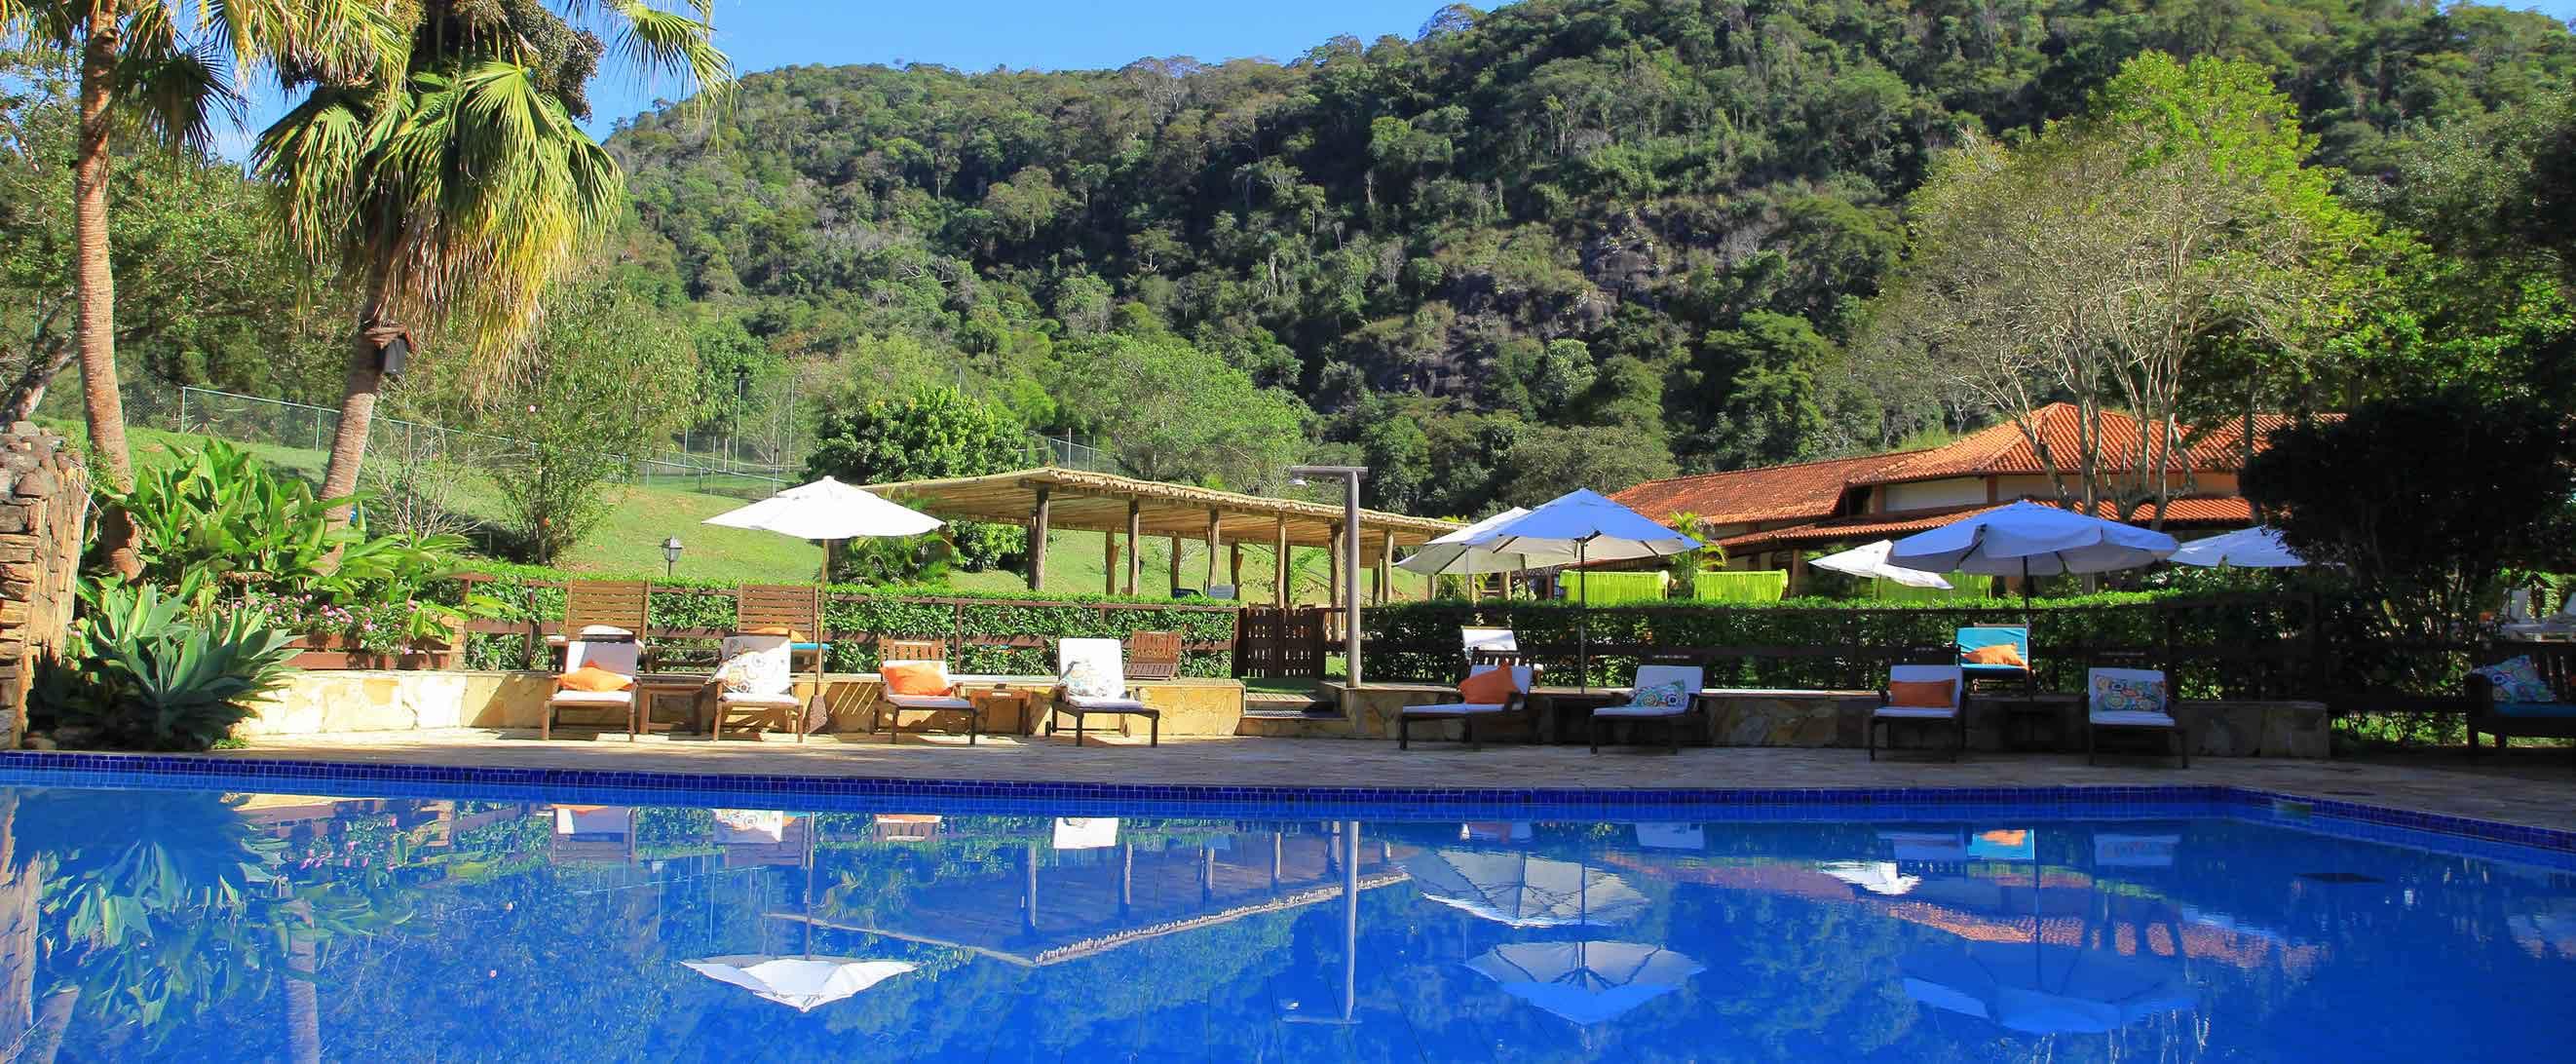 Fazenda Gamela Eco Resort, Cantagalo, RJ